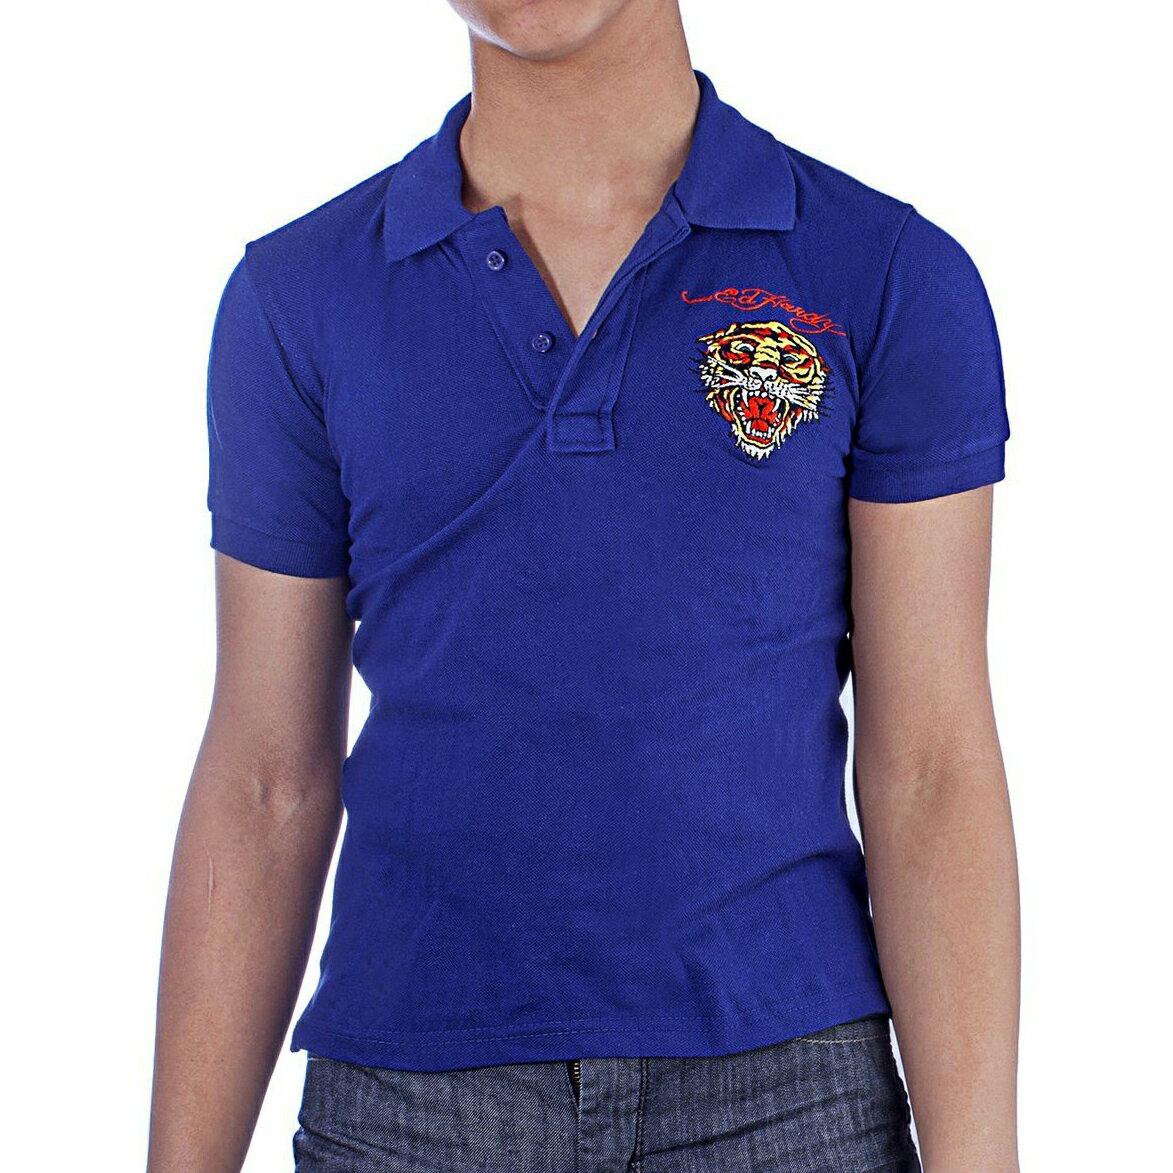 美國百分百【ED HARDY】Polo衫 短袖 網眼 素面 虎頭 刺繡 經典 寶藍色 男 XXS XS S號 F329